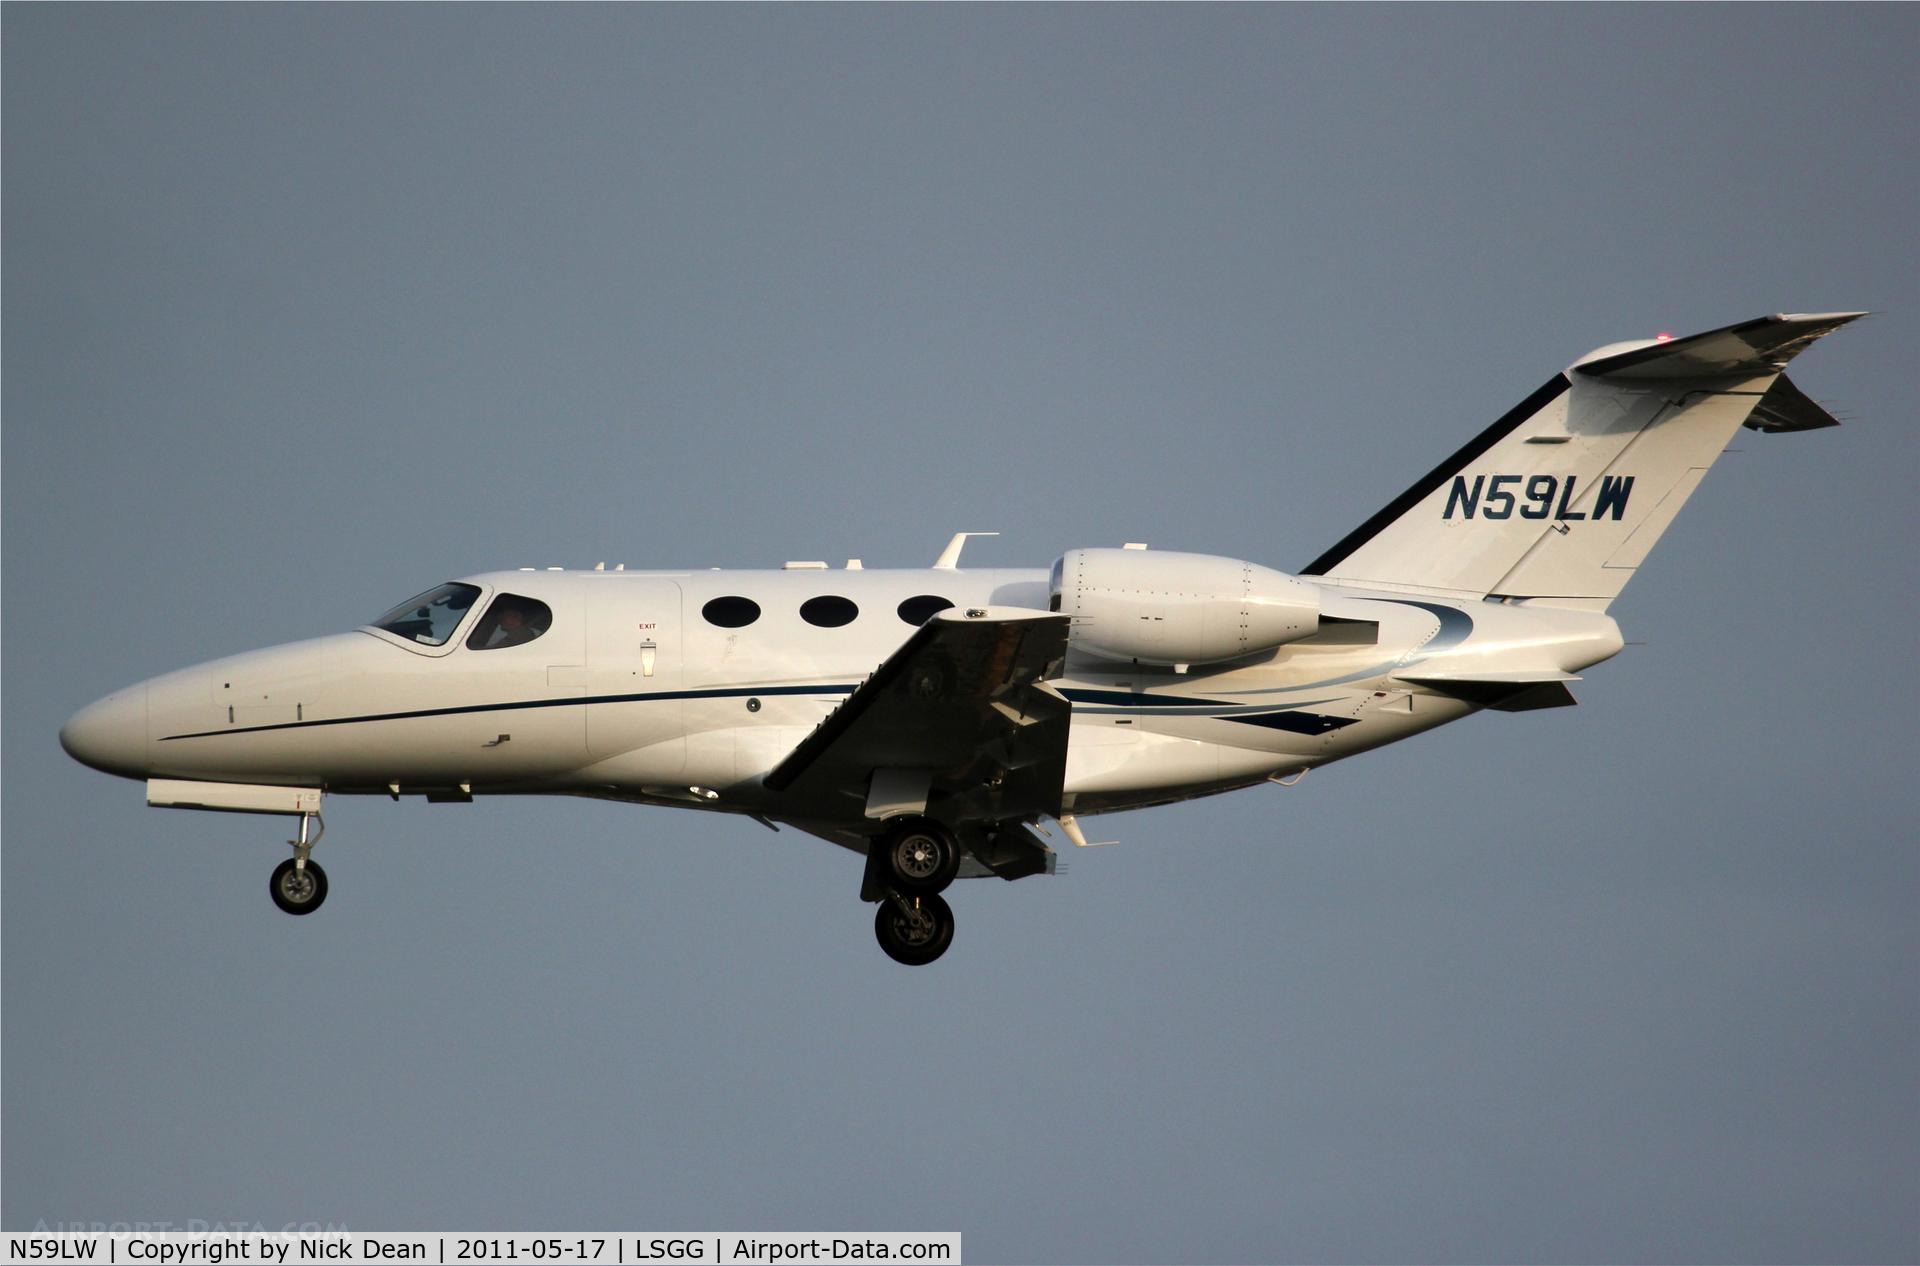 N59LW, 2009 Cessna 510 Citation Mustang Citation Mustang C/N 510-0213, LSGG/GVA